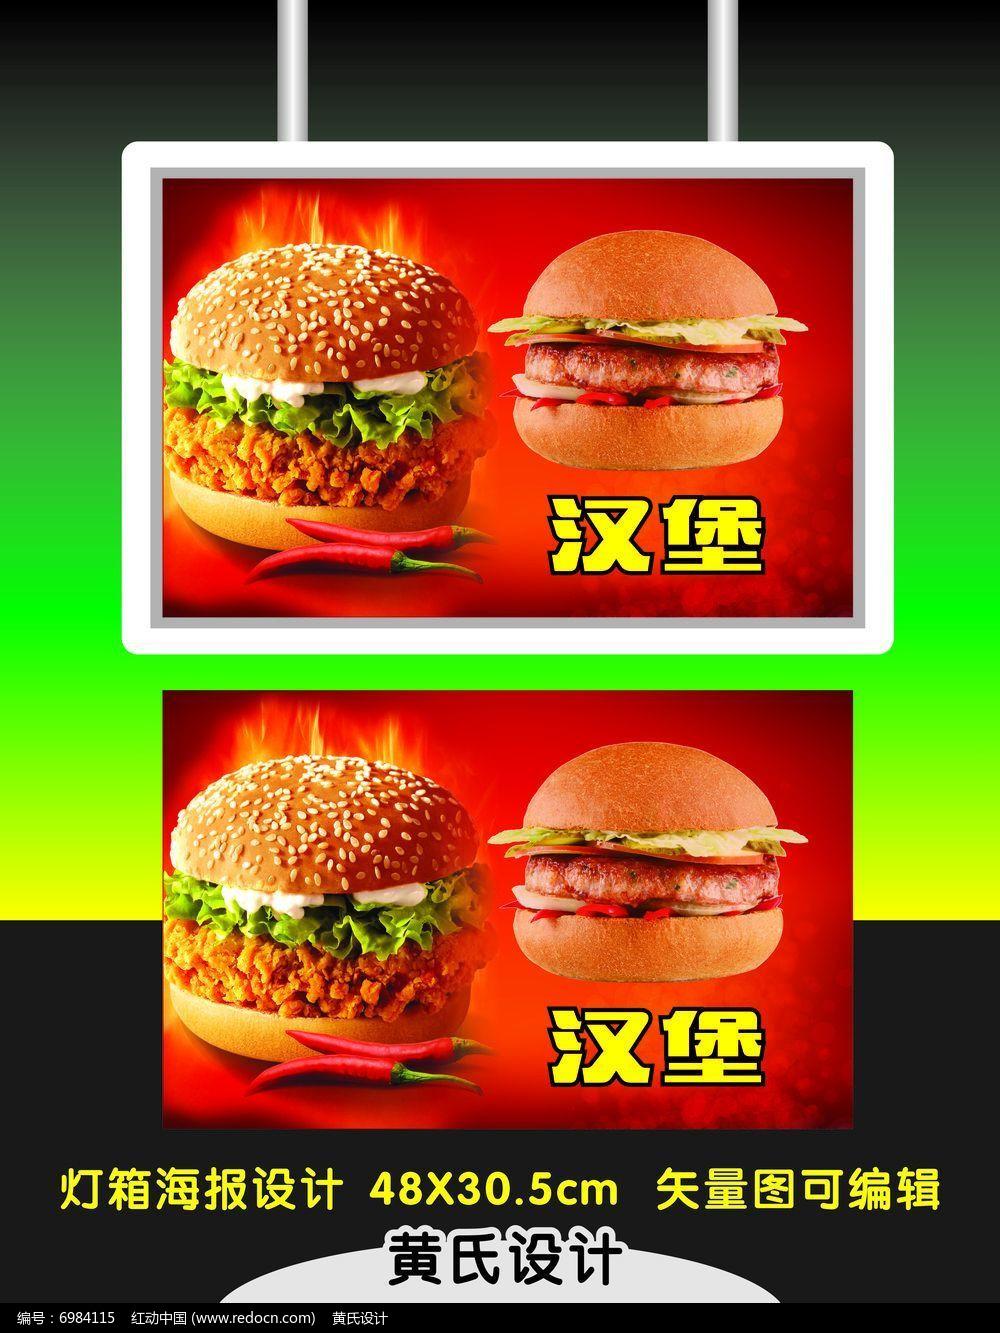 原创设计稿 海报设计/宣传单/广告牌 pop海报 汉堡海报灯箱  请您分享